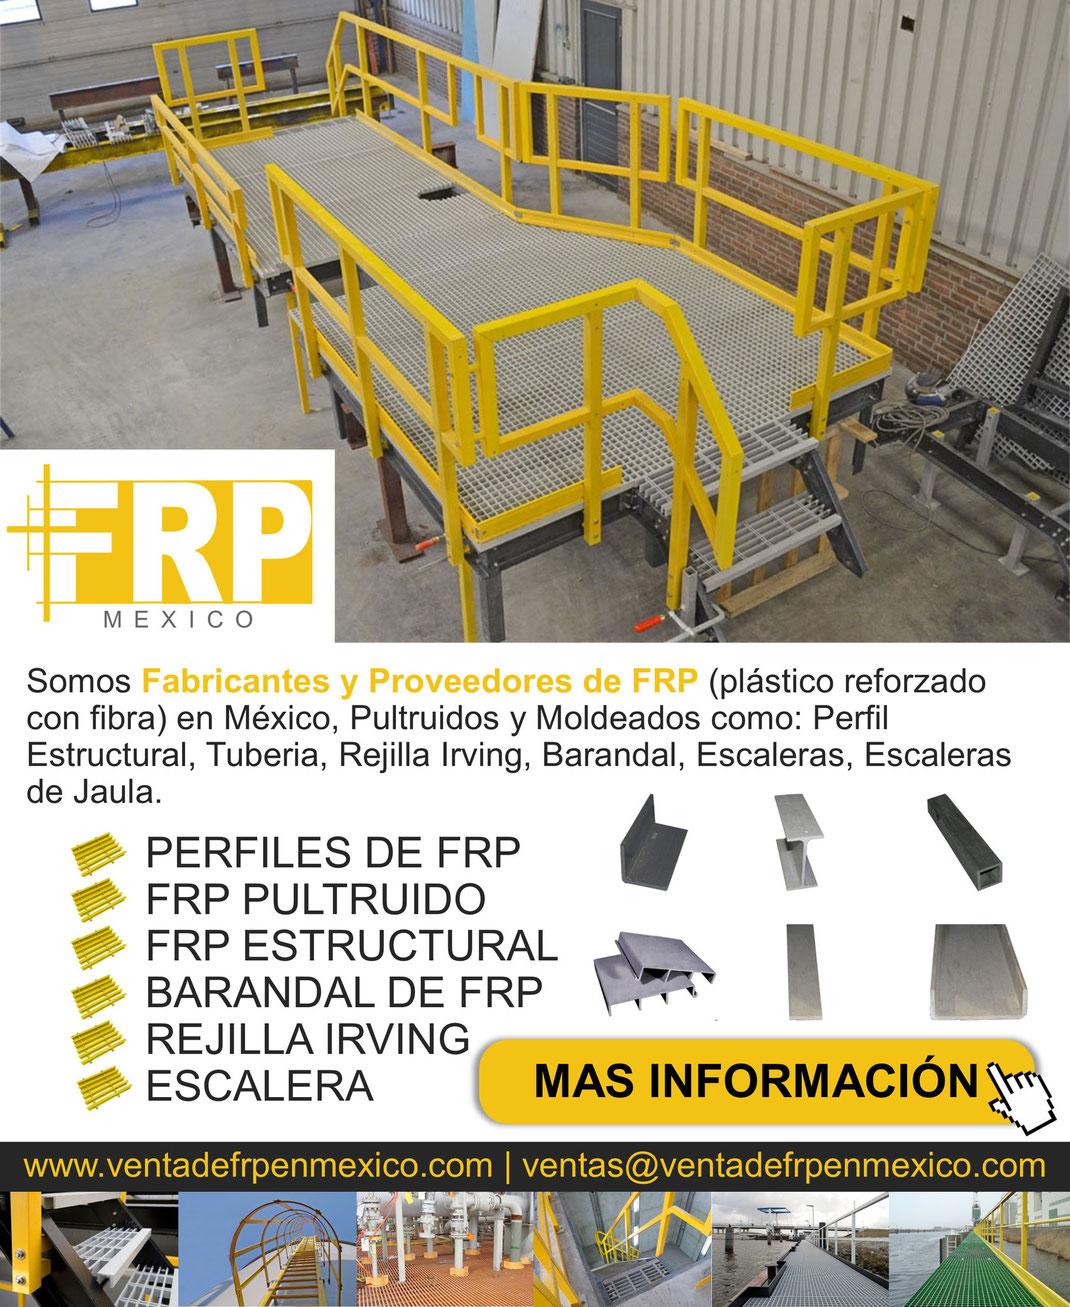 En Donde Comprar FRP Polimericos Reforzados con Fibras en México